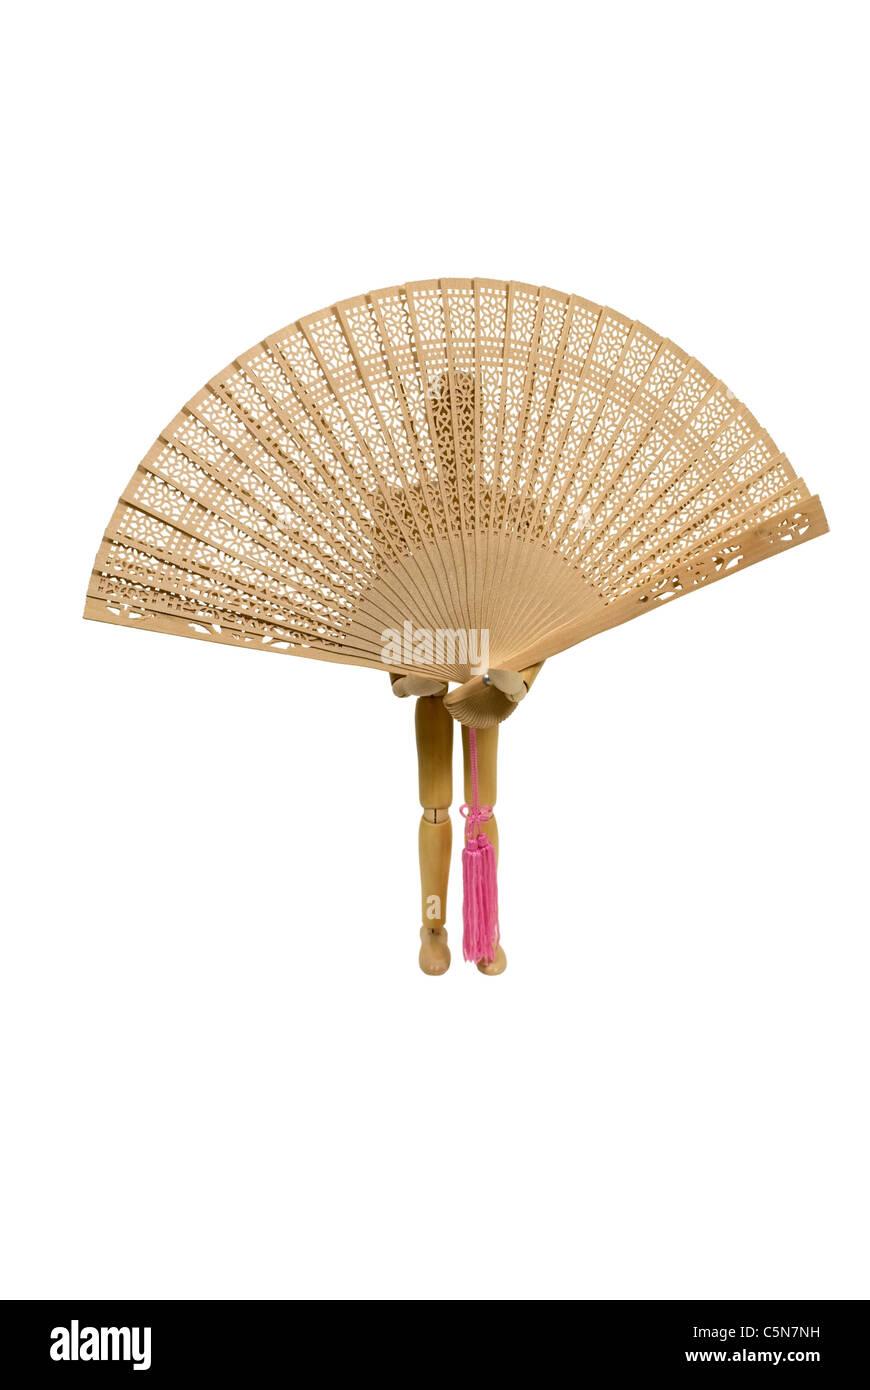 Model holding eine zarte asiatische Fan mit komplizierten Muster aus Holz - Pfad enthalten Stockbild